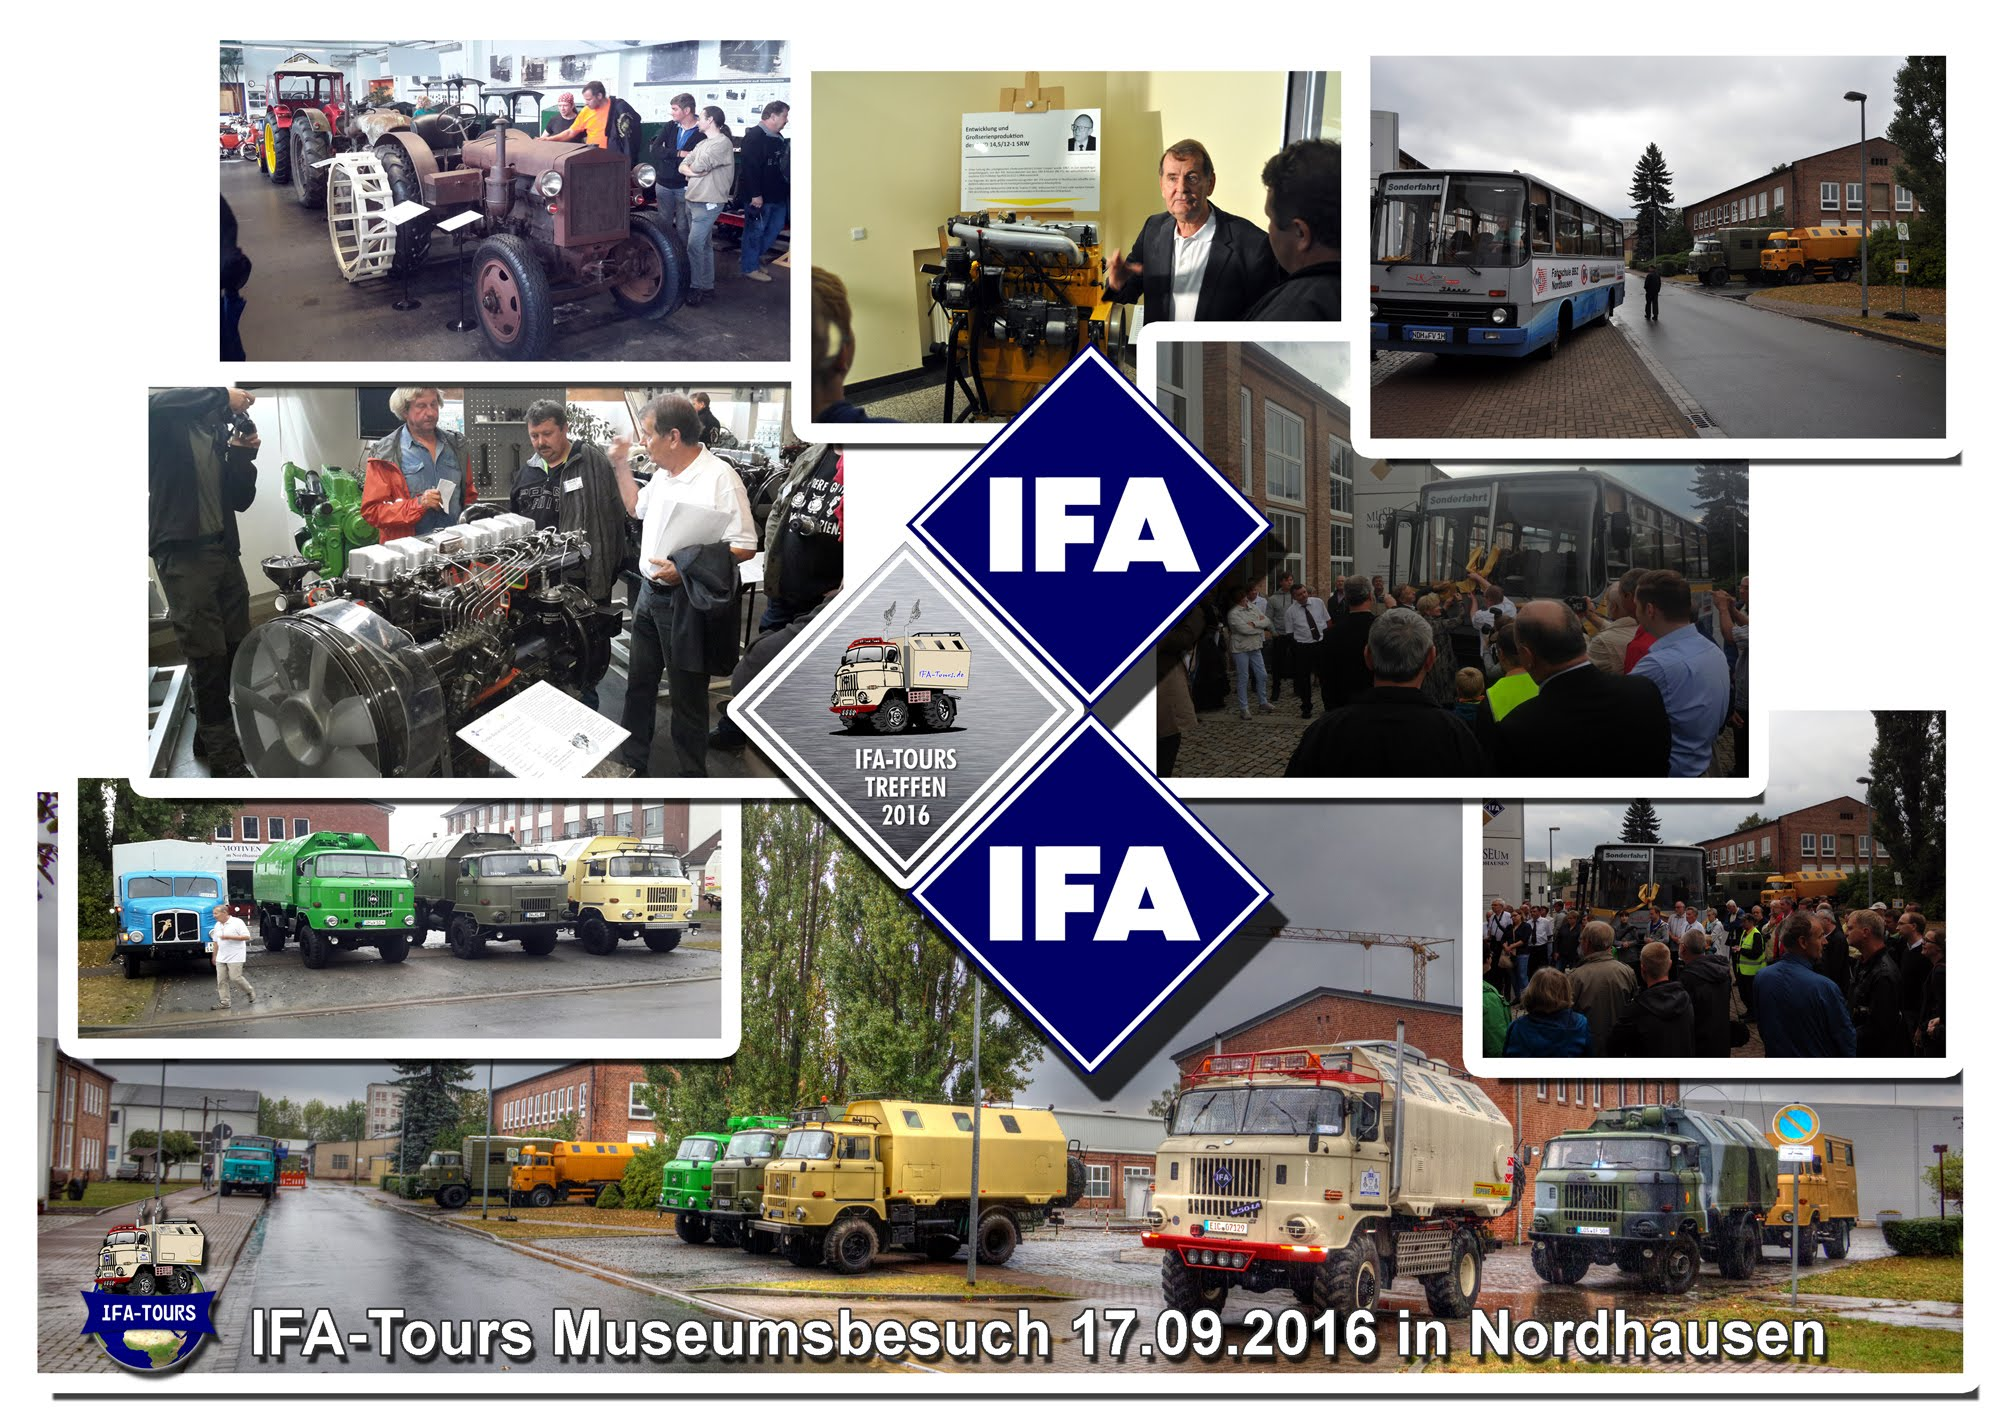 IFA-Tours Treffen 2016 Nordhausen - Besuch im IFA-Museum